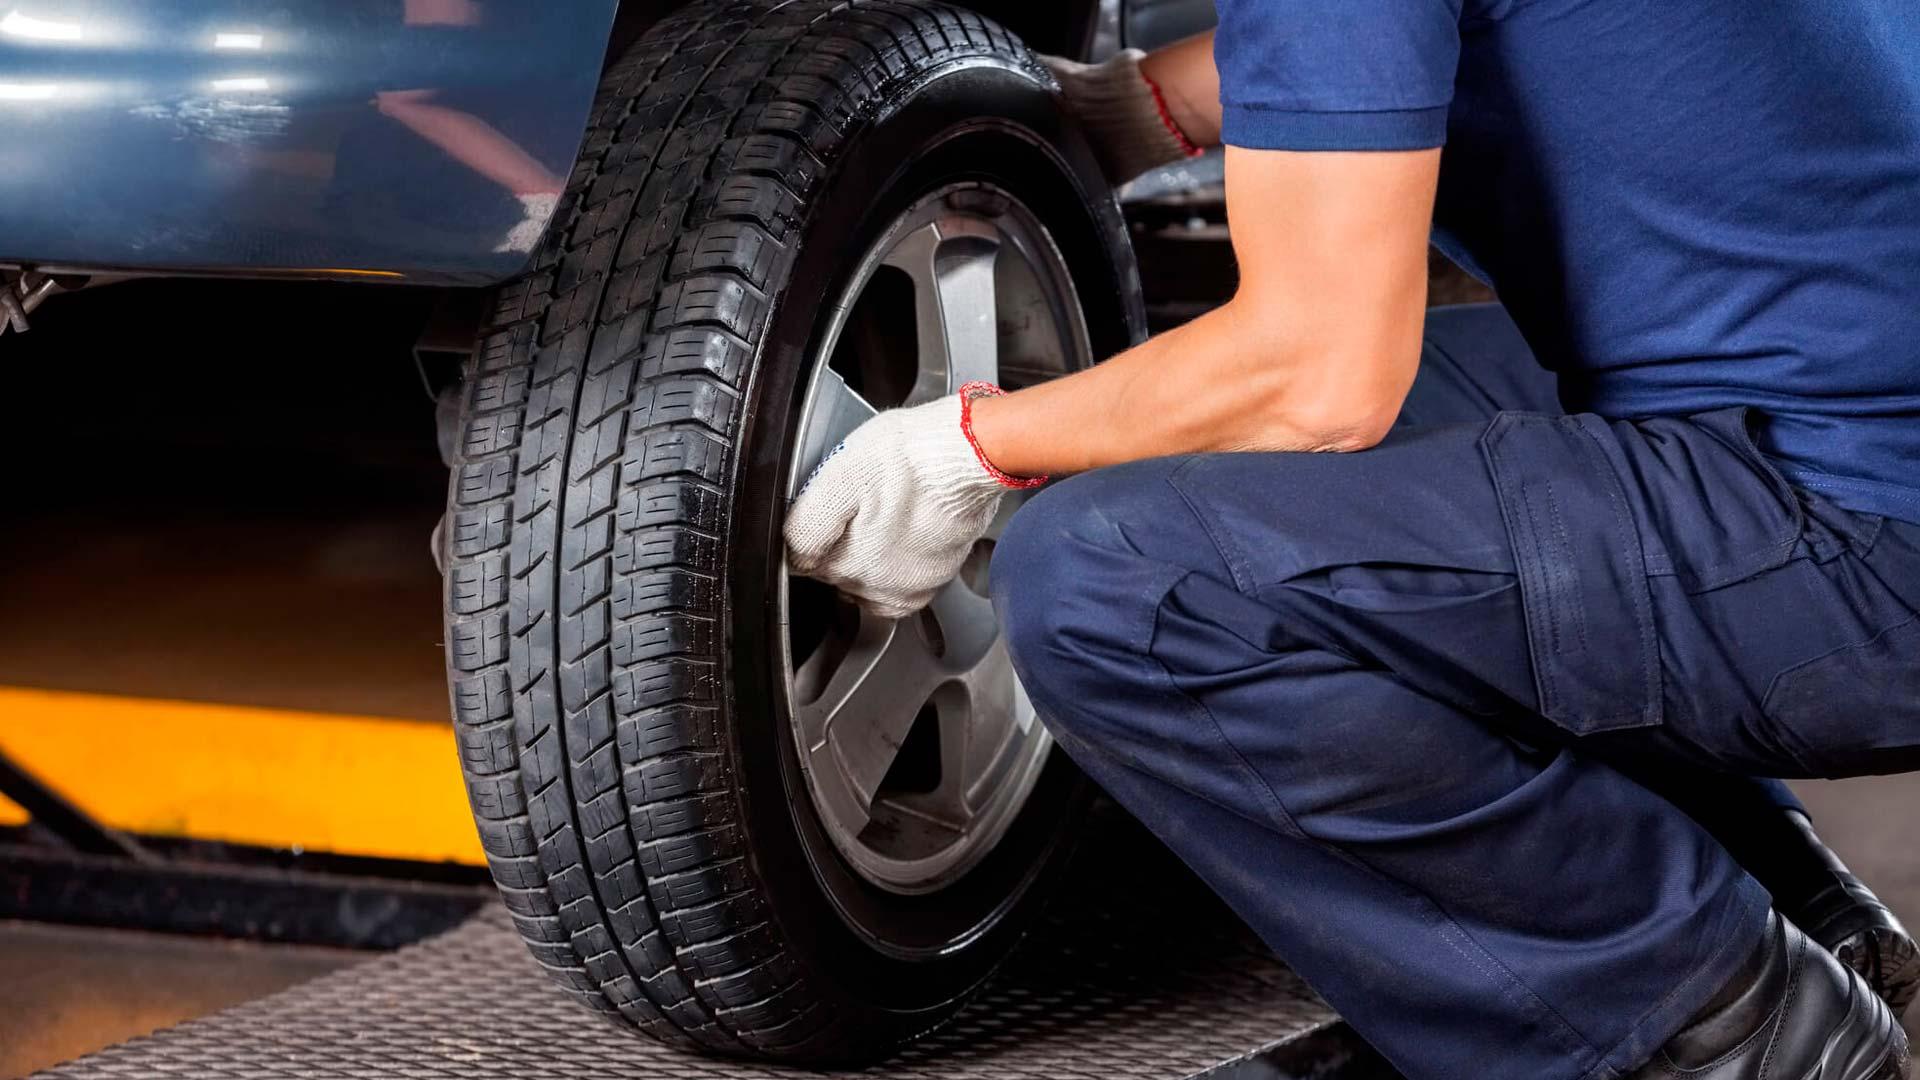 Troca de pneu: 5 erros que você precisa evitar em emergências e na oficina 28